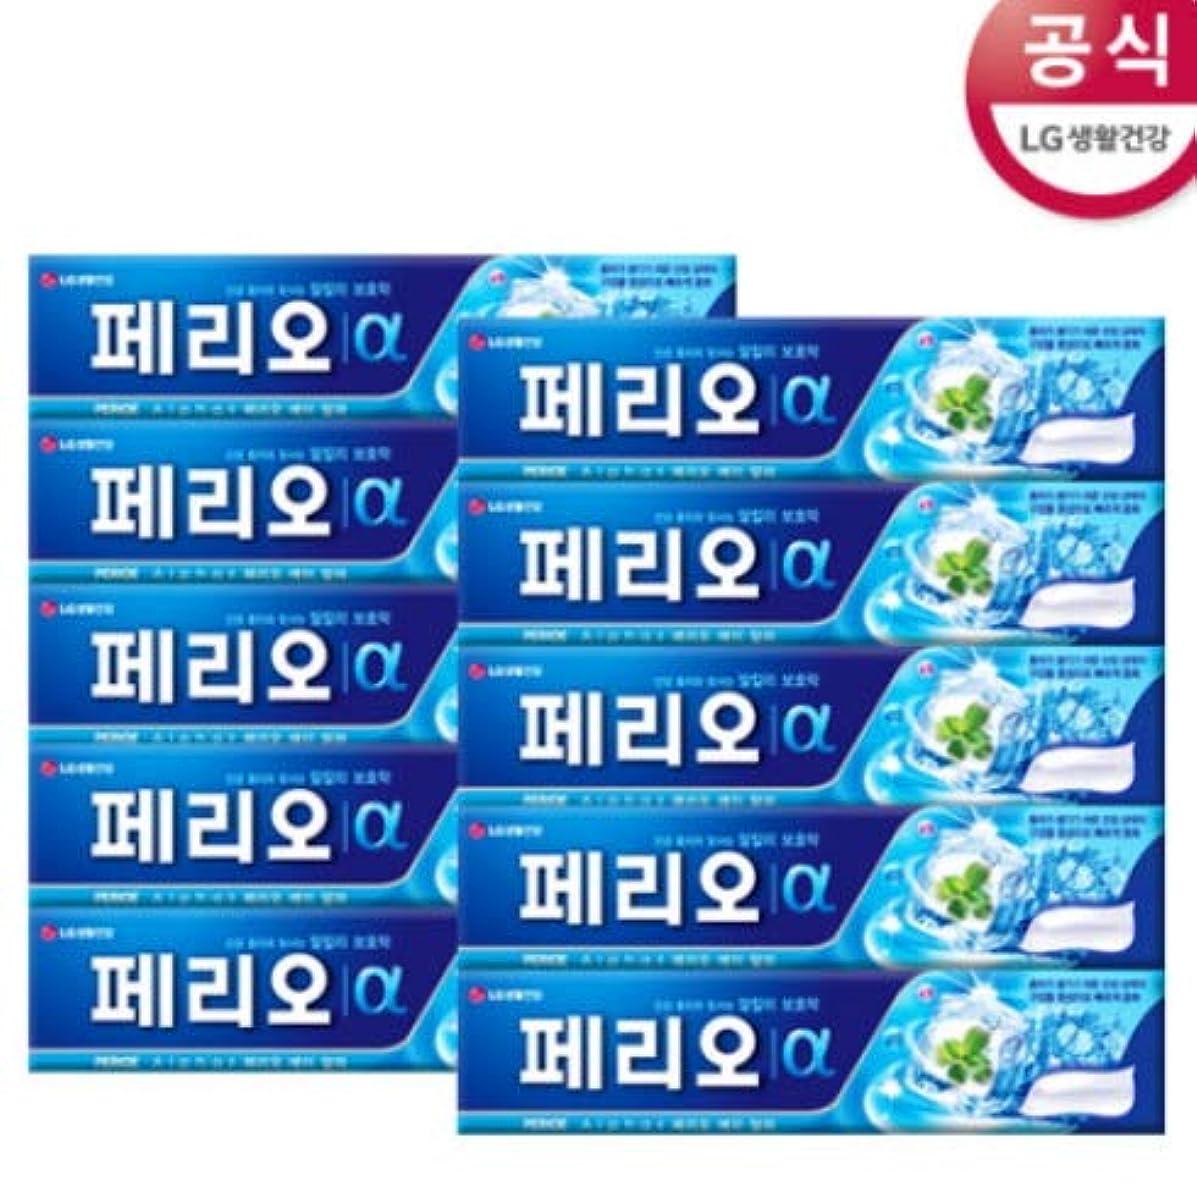 パークポジション最も早い[LG HnB] Perio Alpha Toothpaste/ペリオアルファ歯磨き粉 170gx10個(海外直送品)